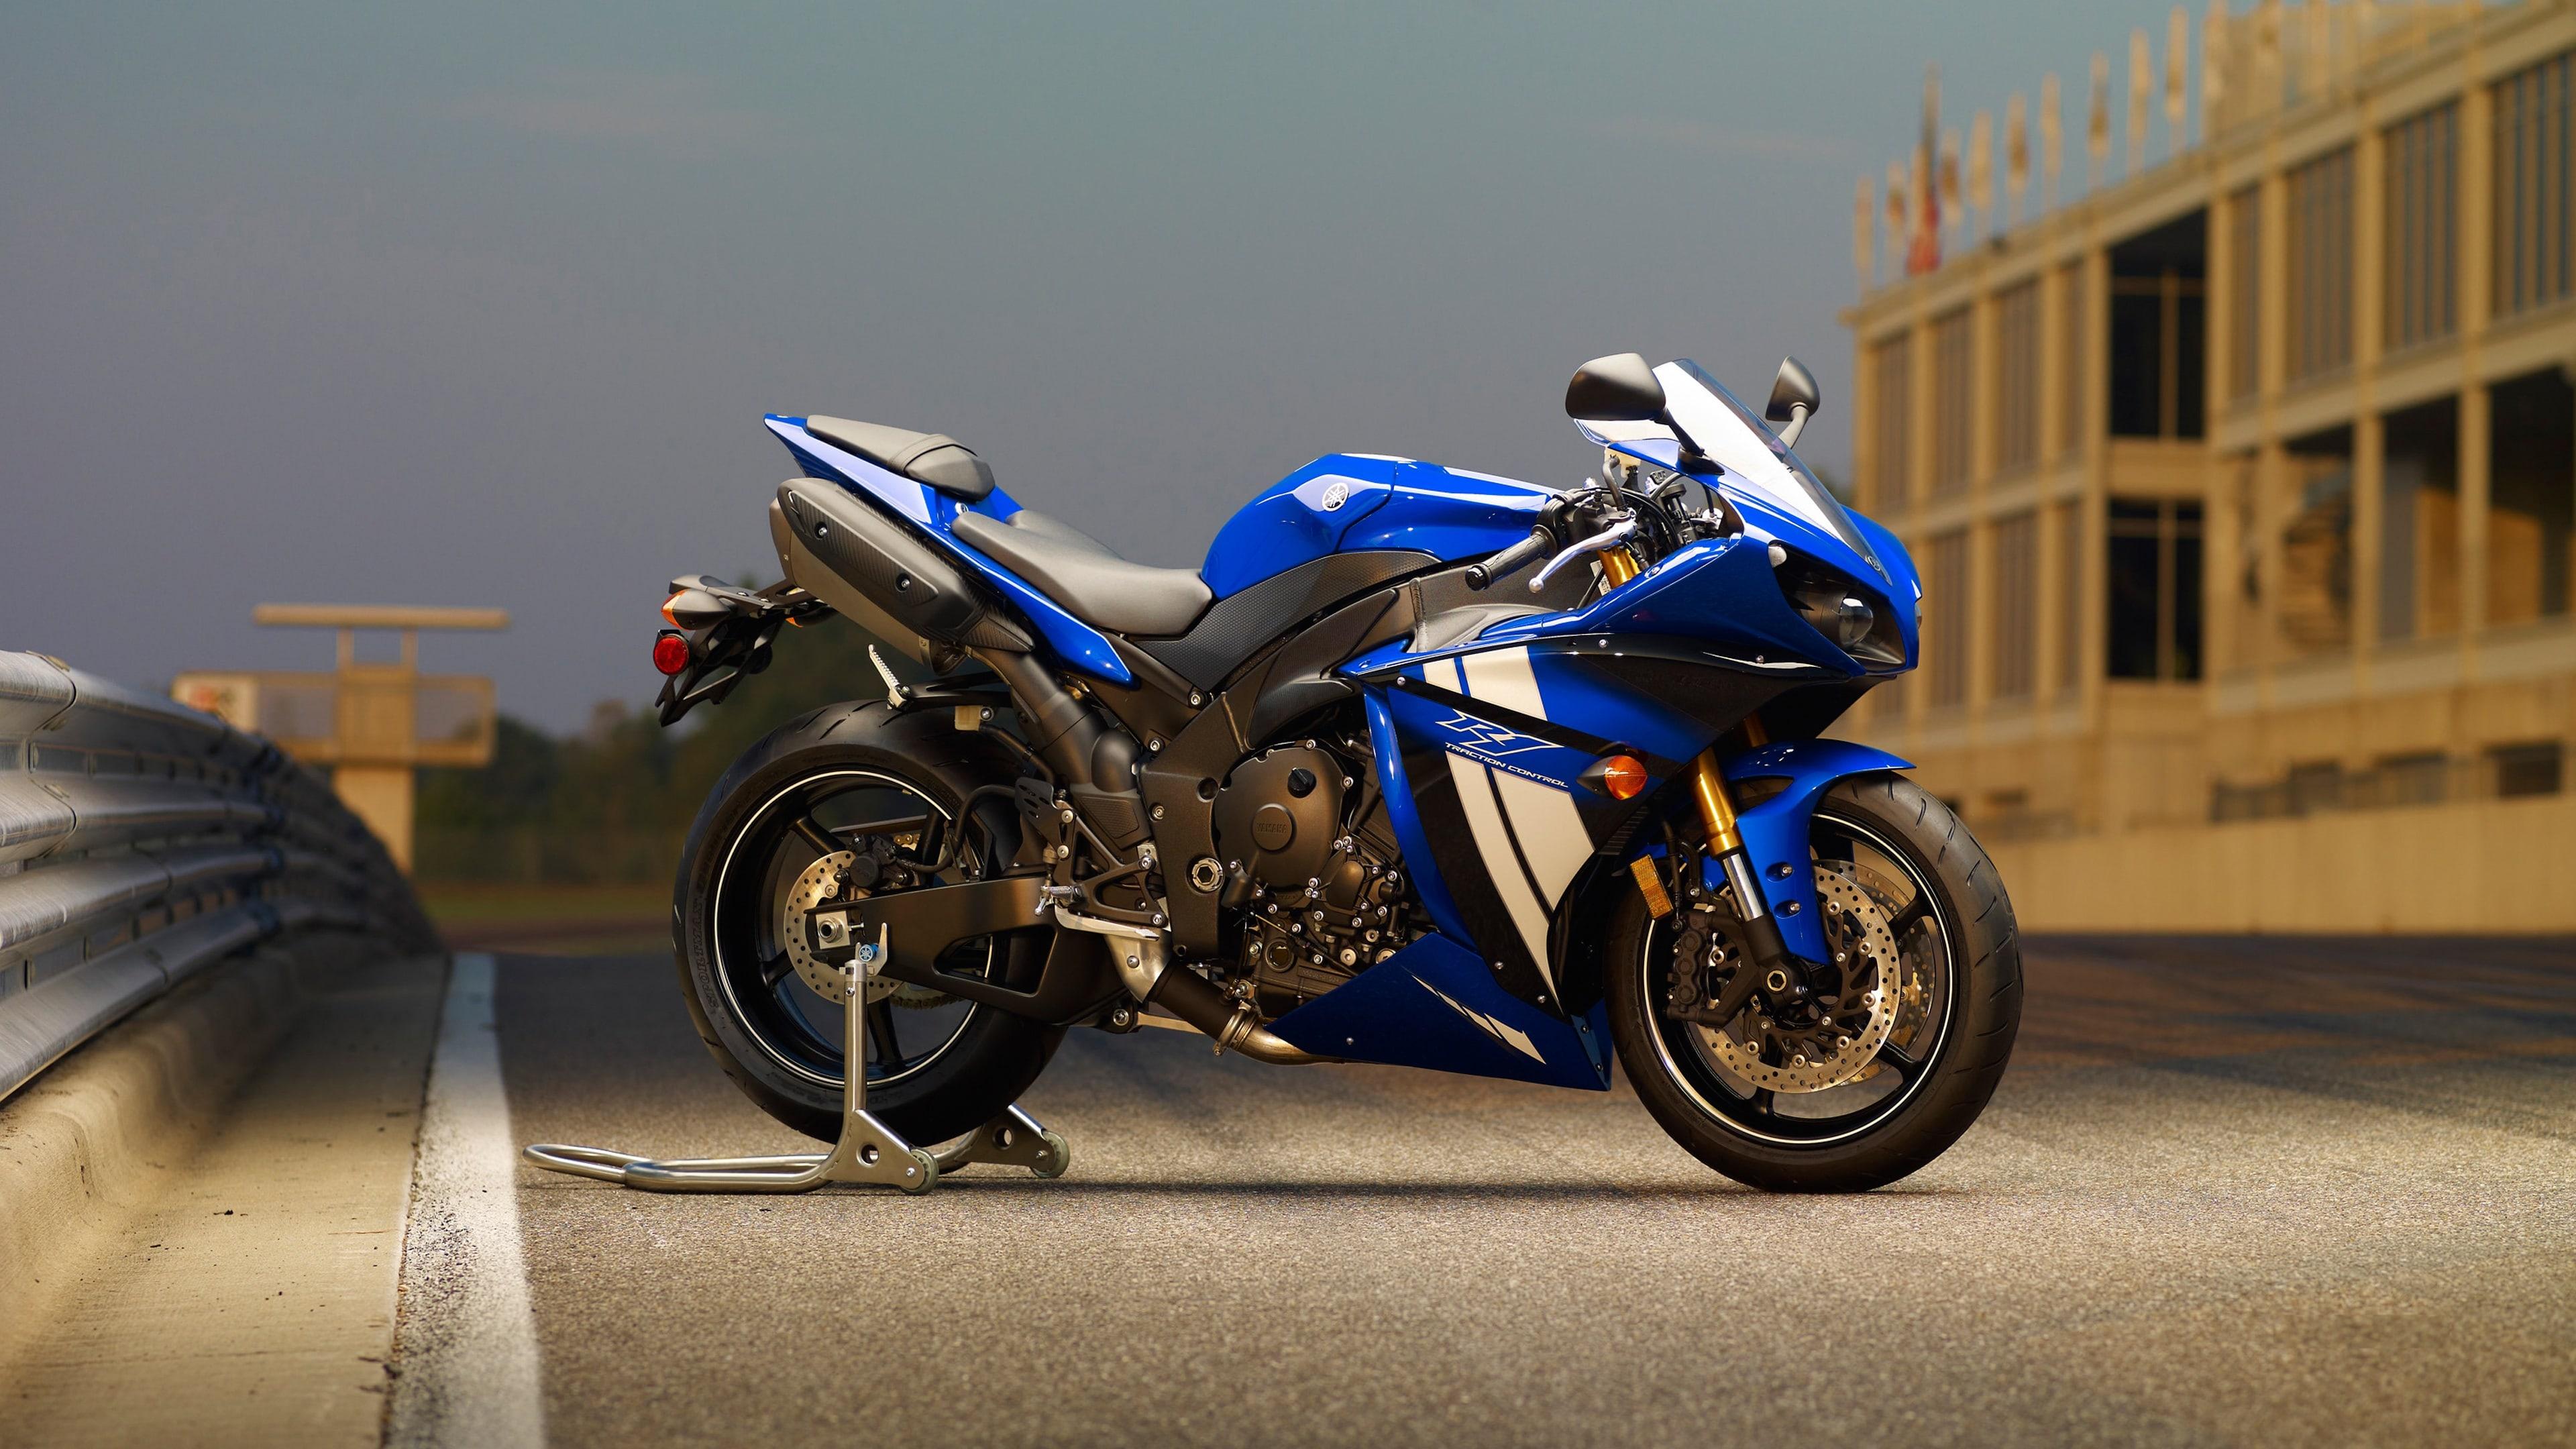 Yamaha YZF-R1 2012 Widescreen for desktop